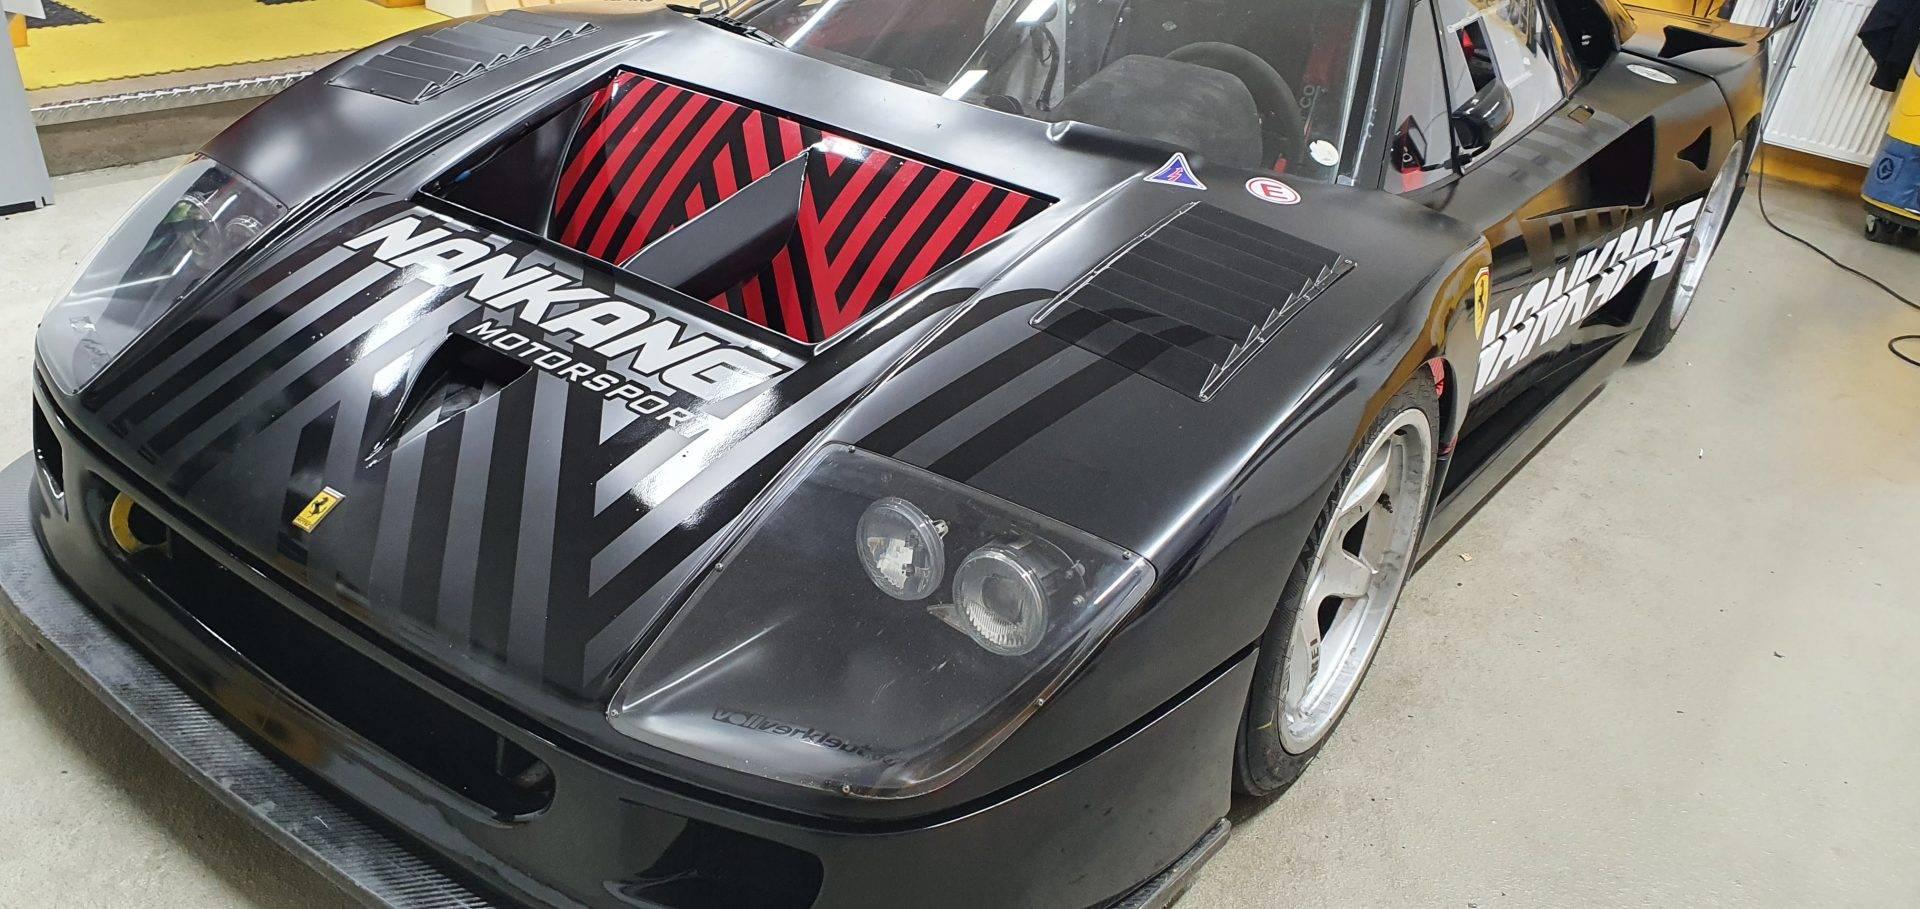 Ferrari F40 semimattschwarz mit Branding